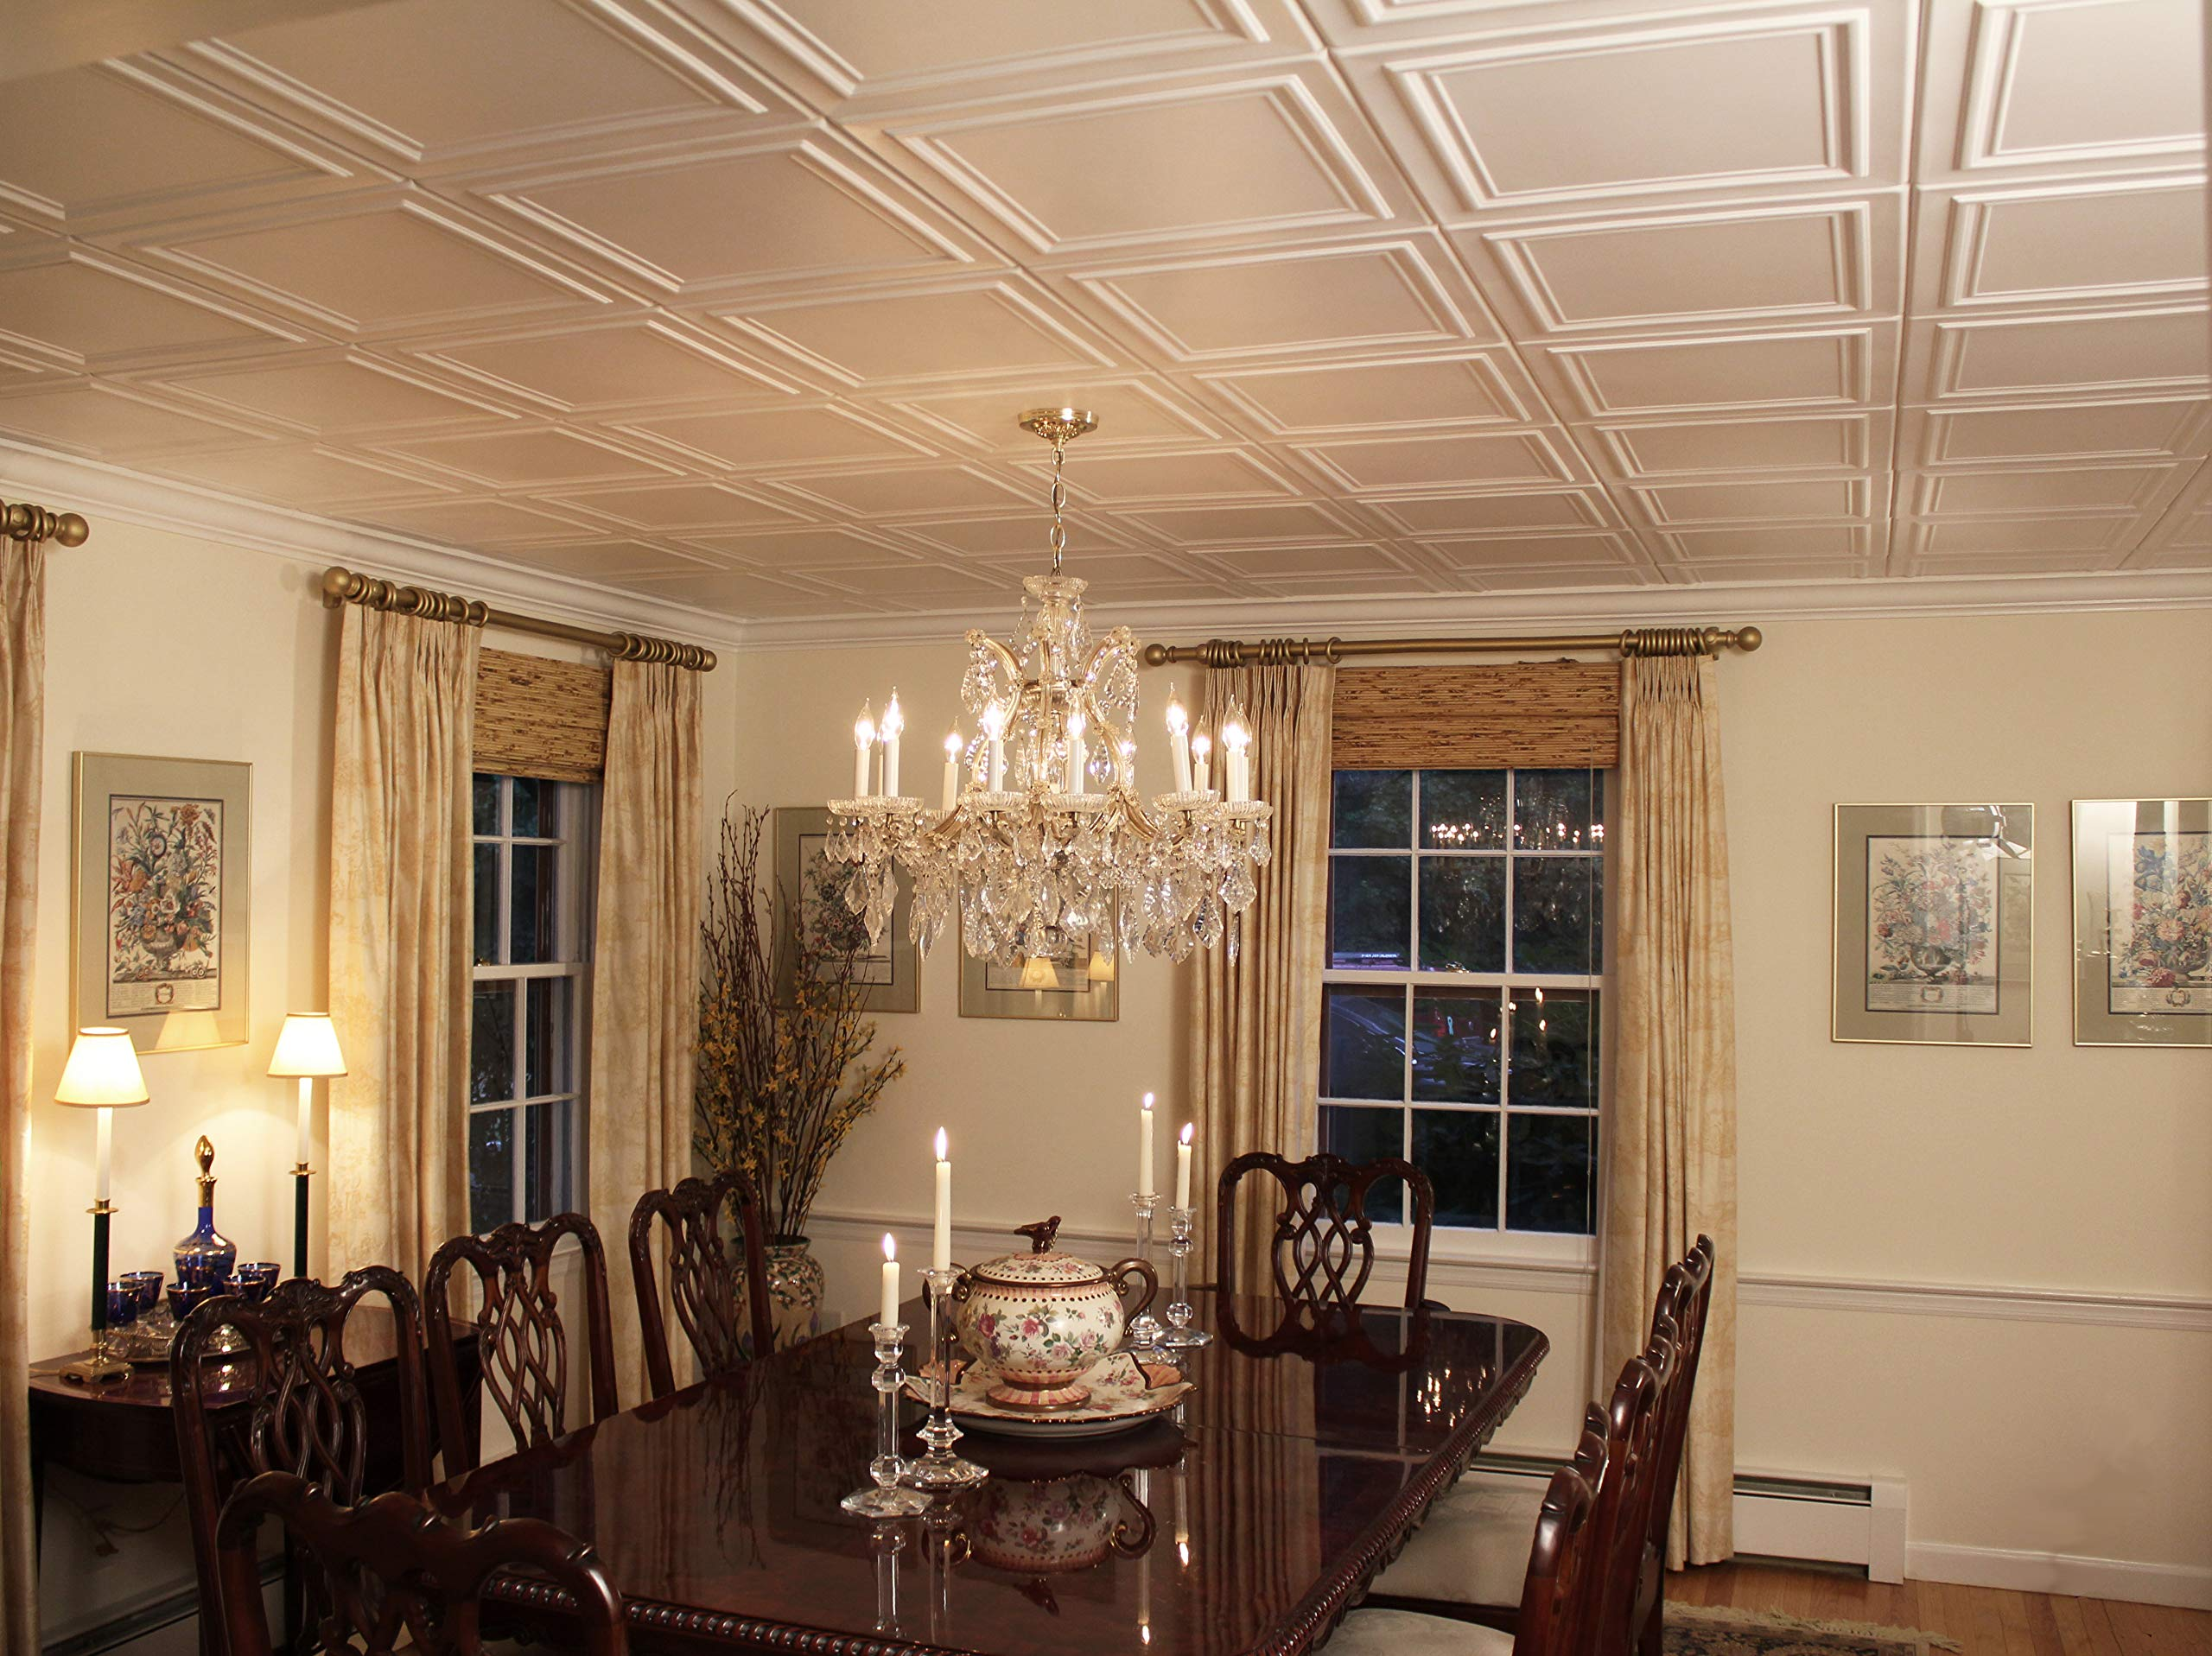 A la Maison Ceilings 1993 Line Art - Styrofoam Ceiling Tile (Package of 8 Tiles), Plain White by A La Maison Ceilings (Image #3)